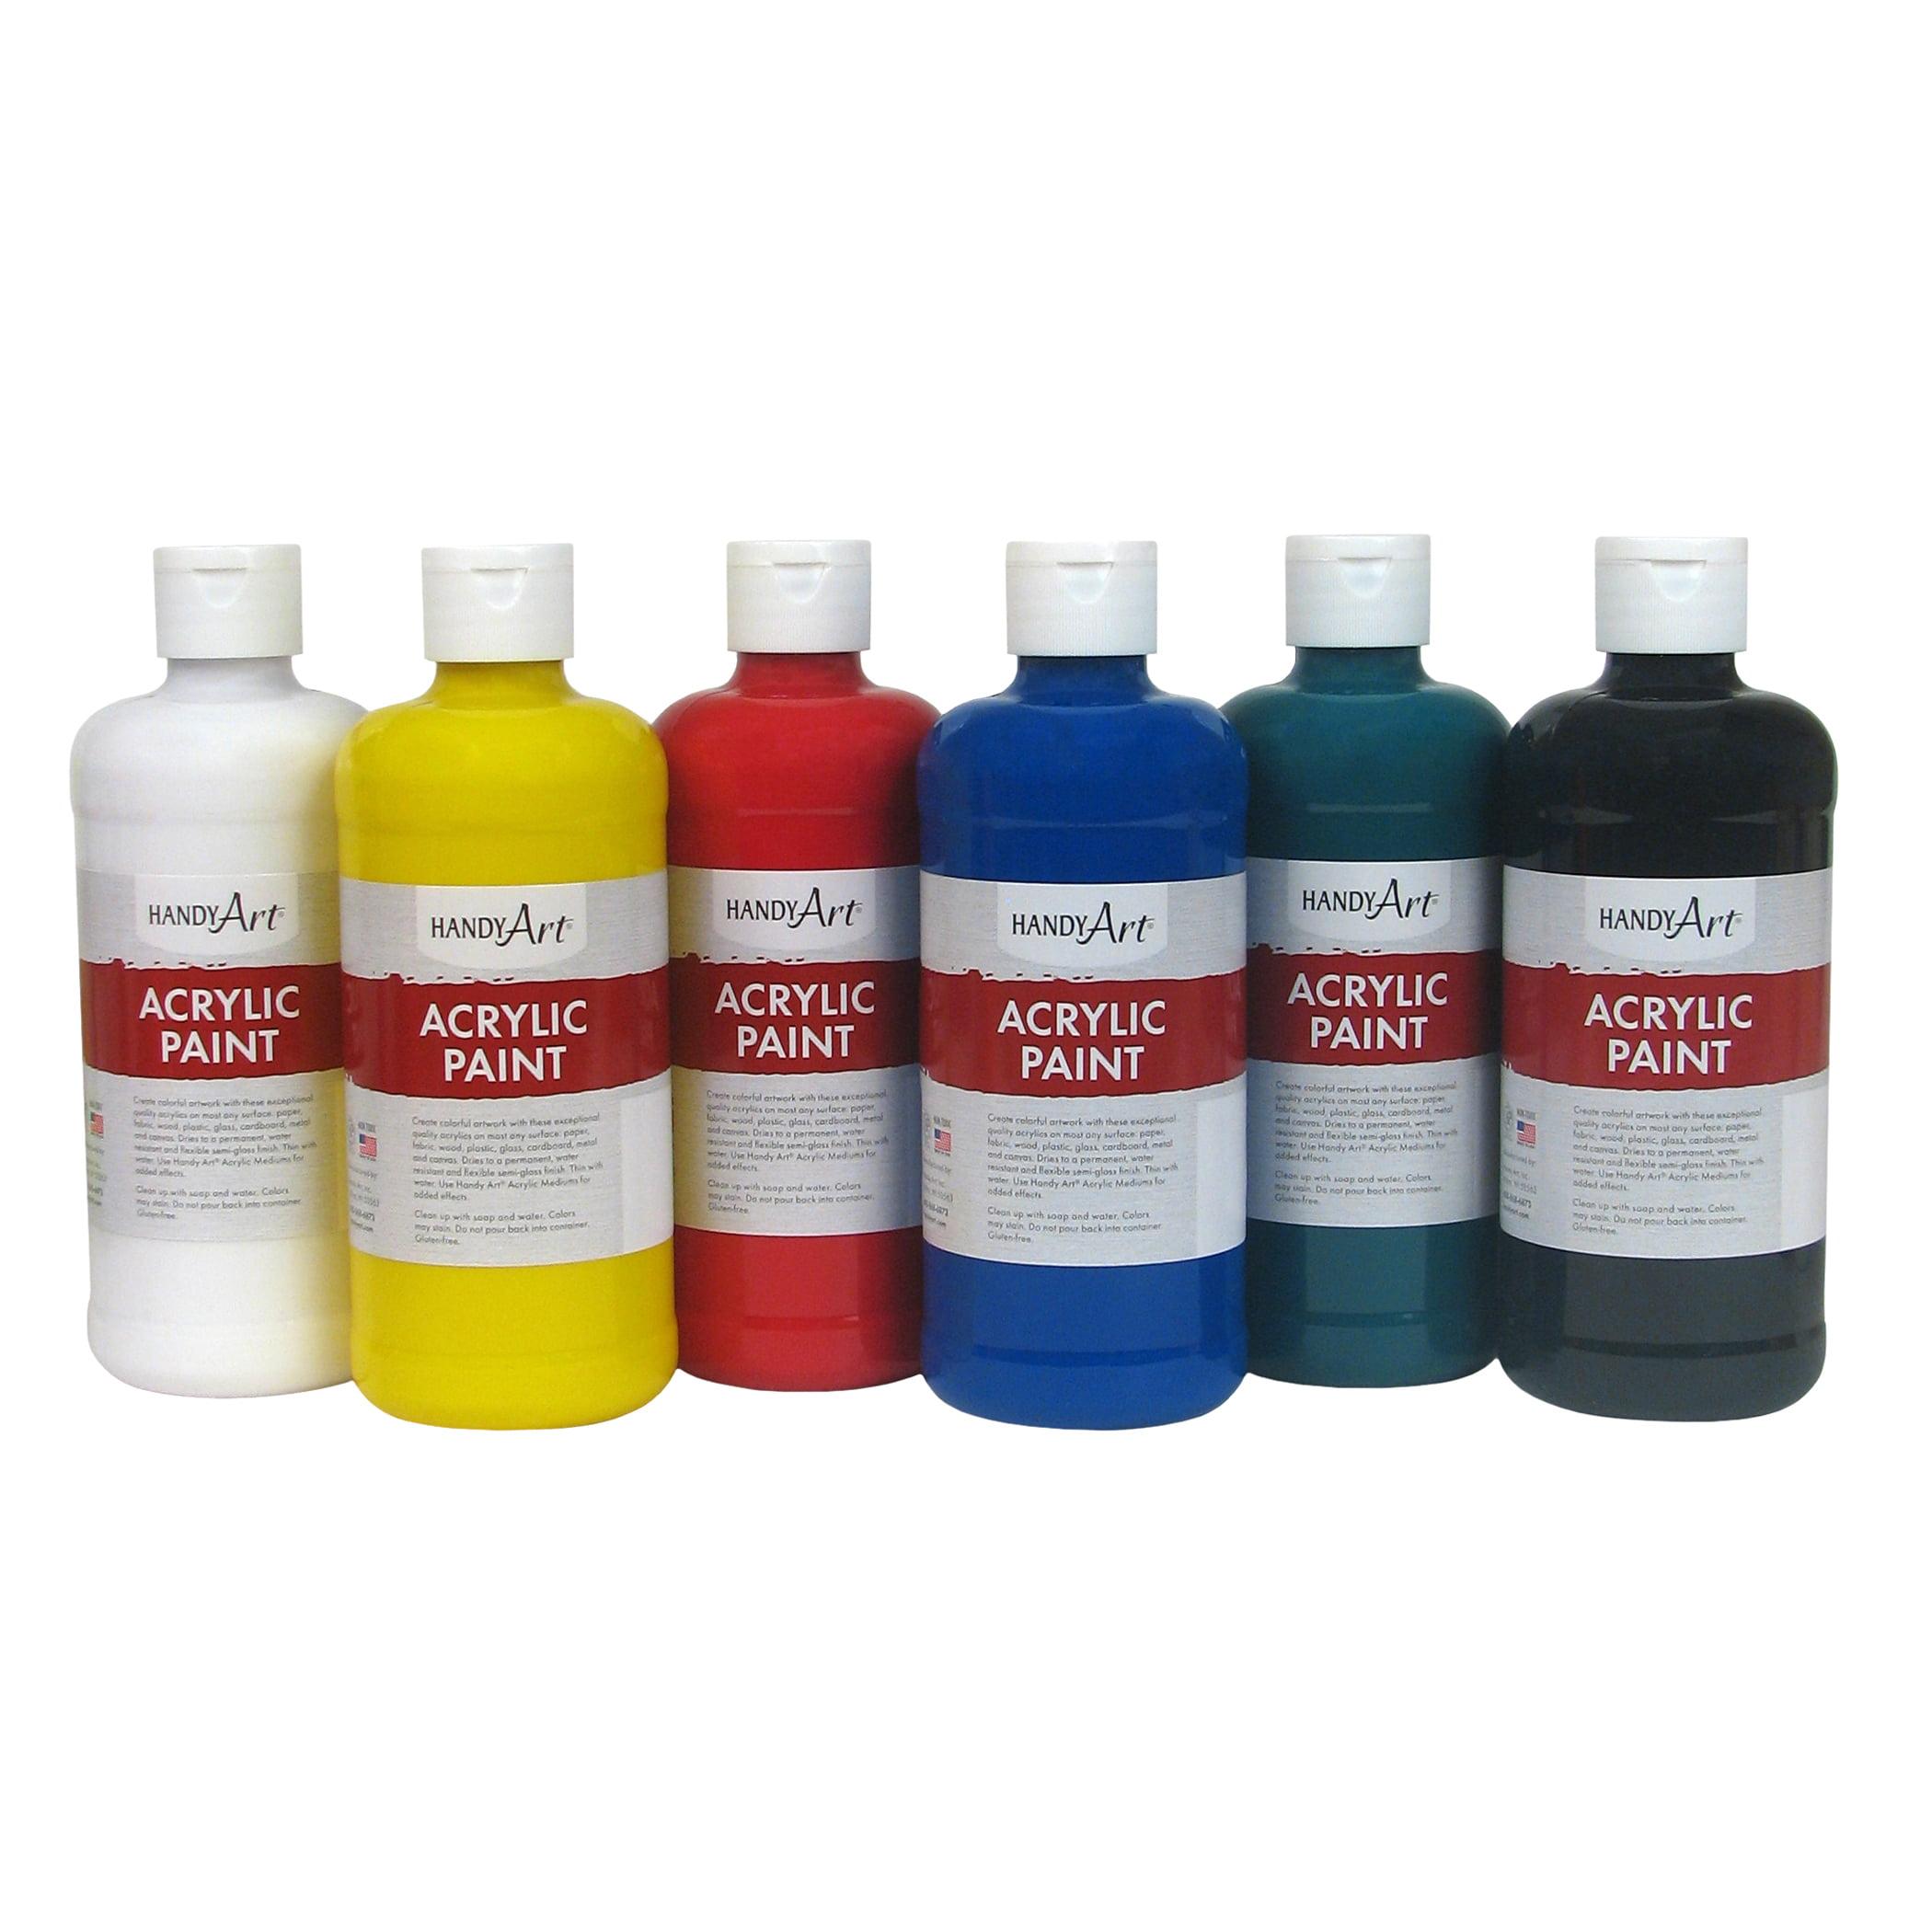 Handy Art® Acrylic Paint, 16 oz, Set of 6